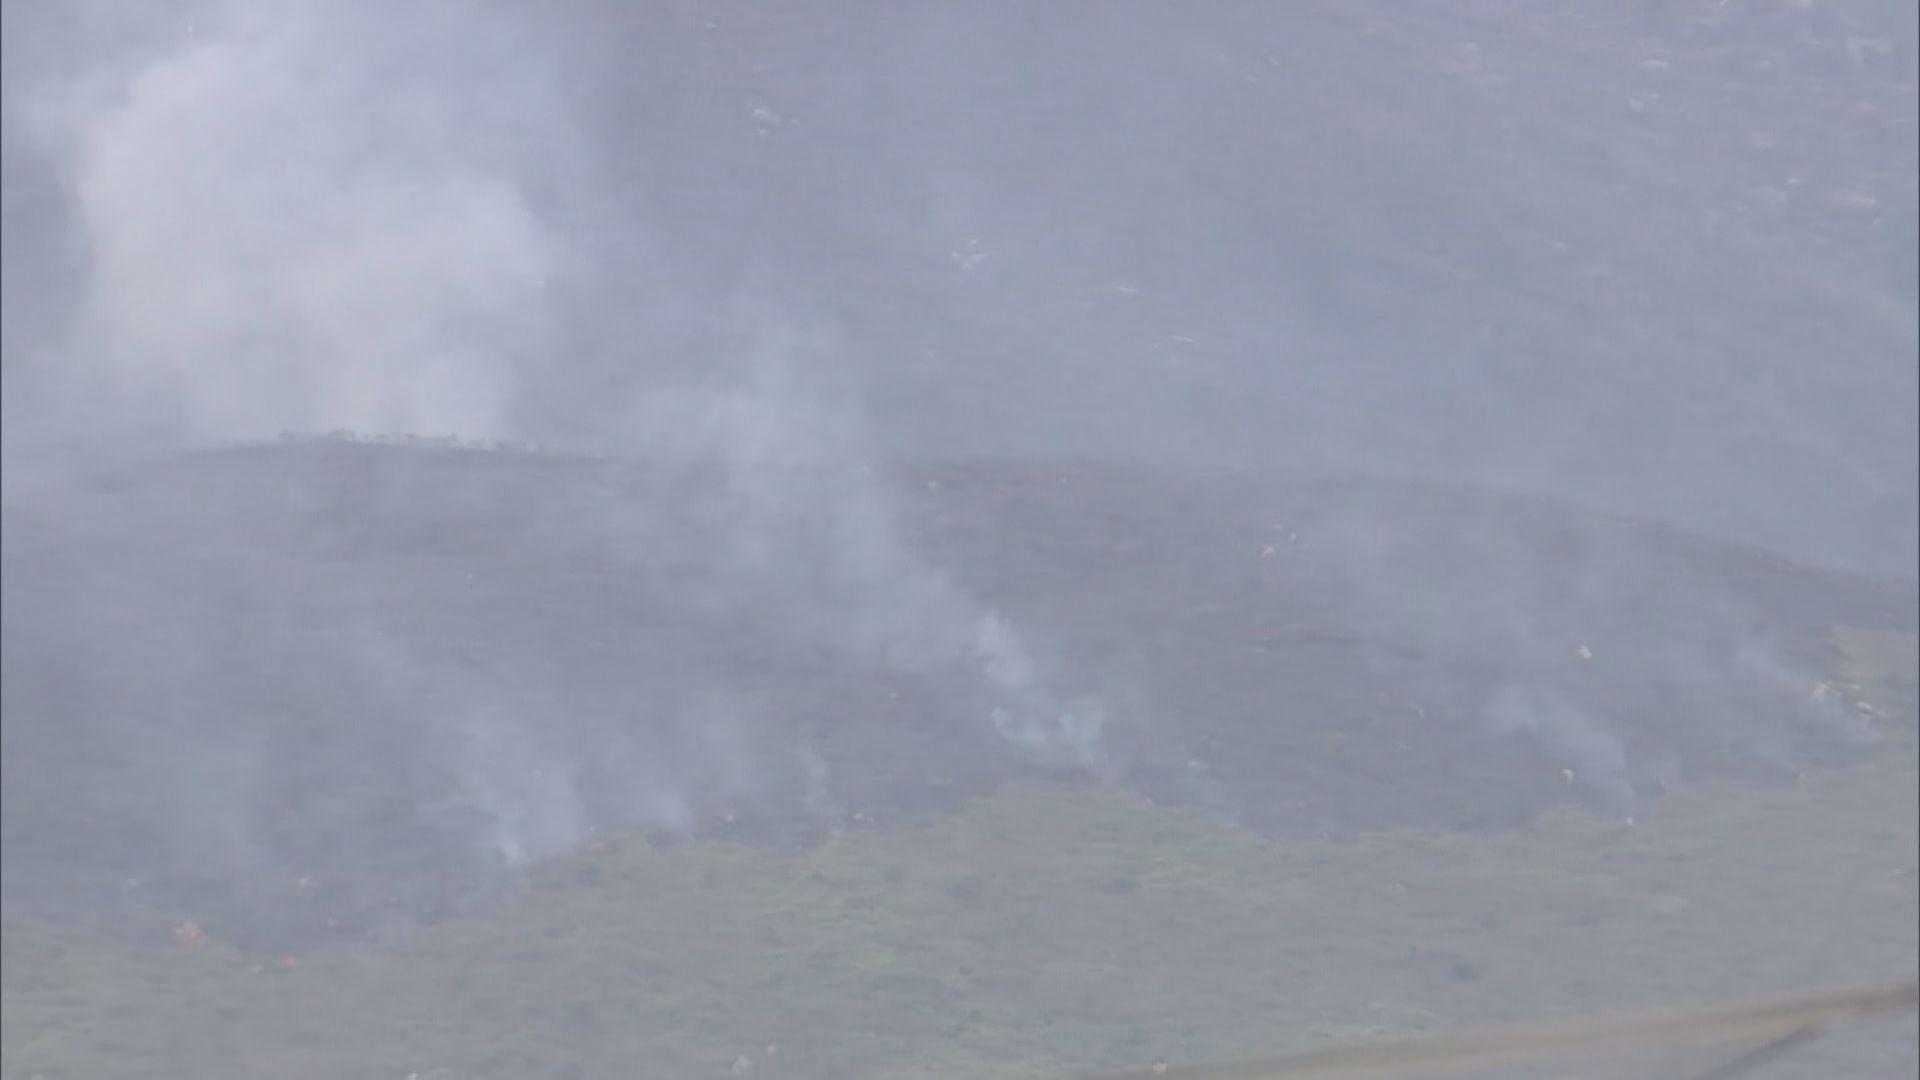 黃色火災危險警告 消防處接獲至少40宗山火報告